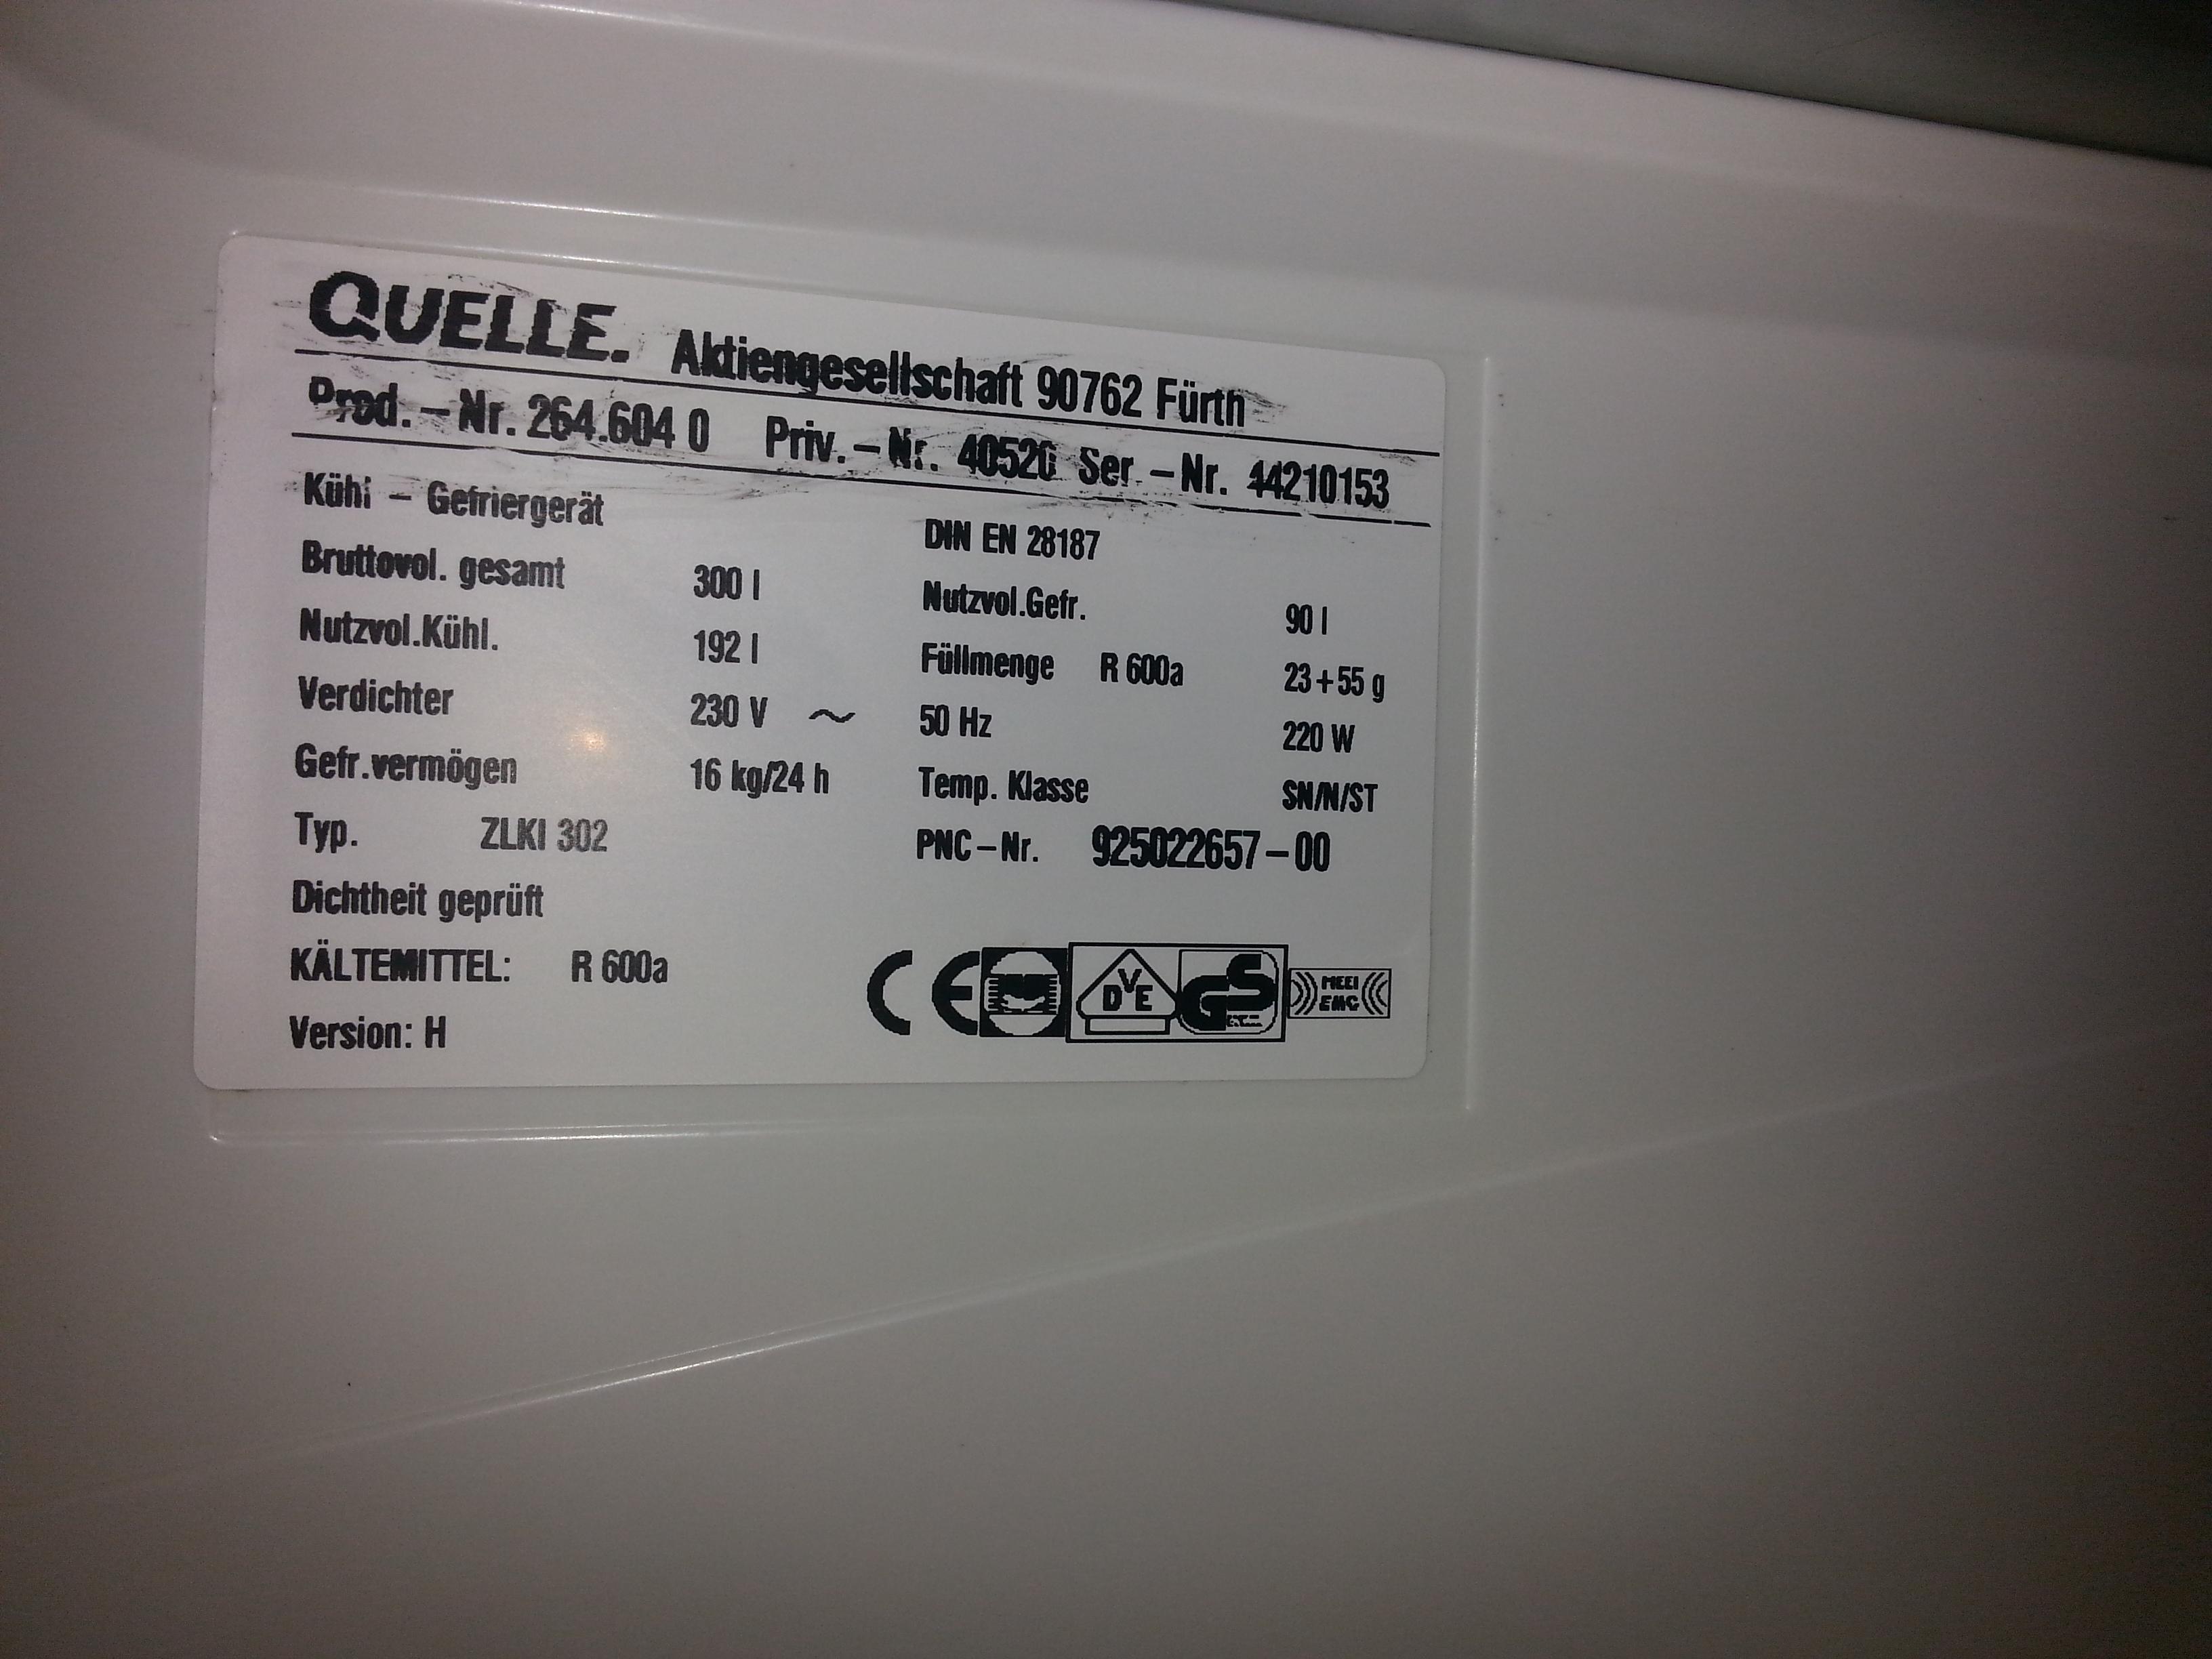 Aeg Kühlschrank Bedienungsanleitung Deutsch : Aeg sfe zc kühlschrank in weiß kaufen saturn